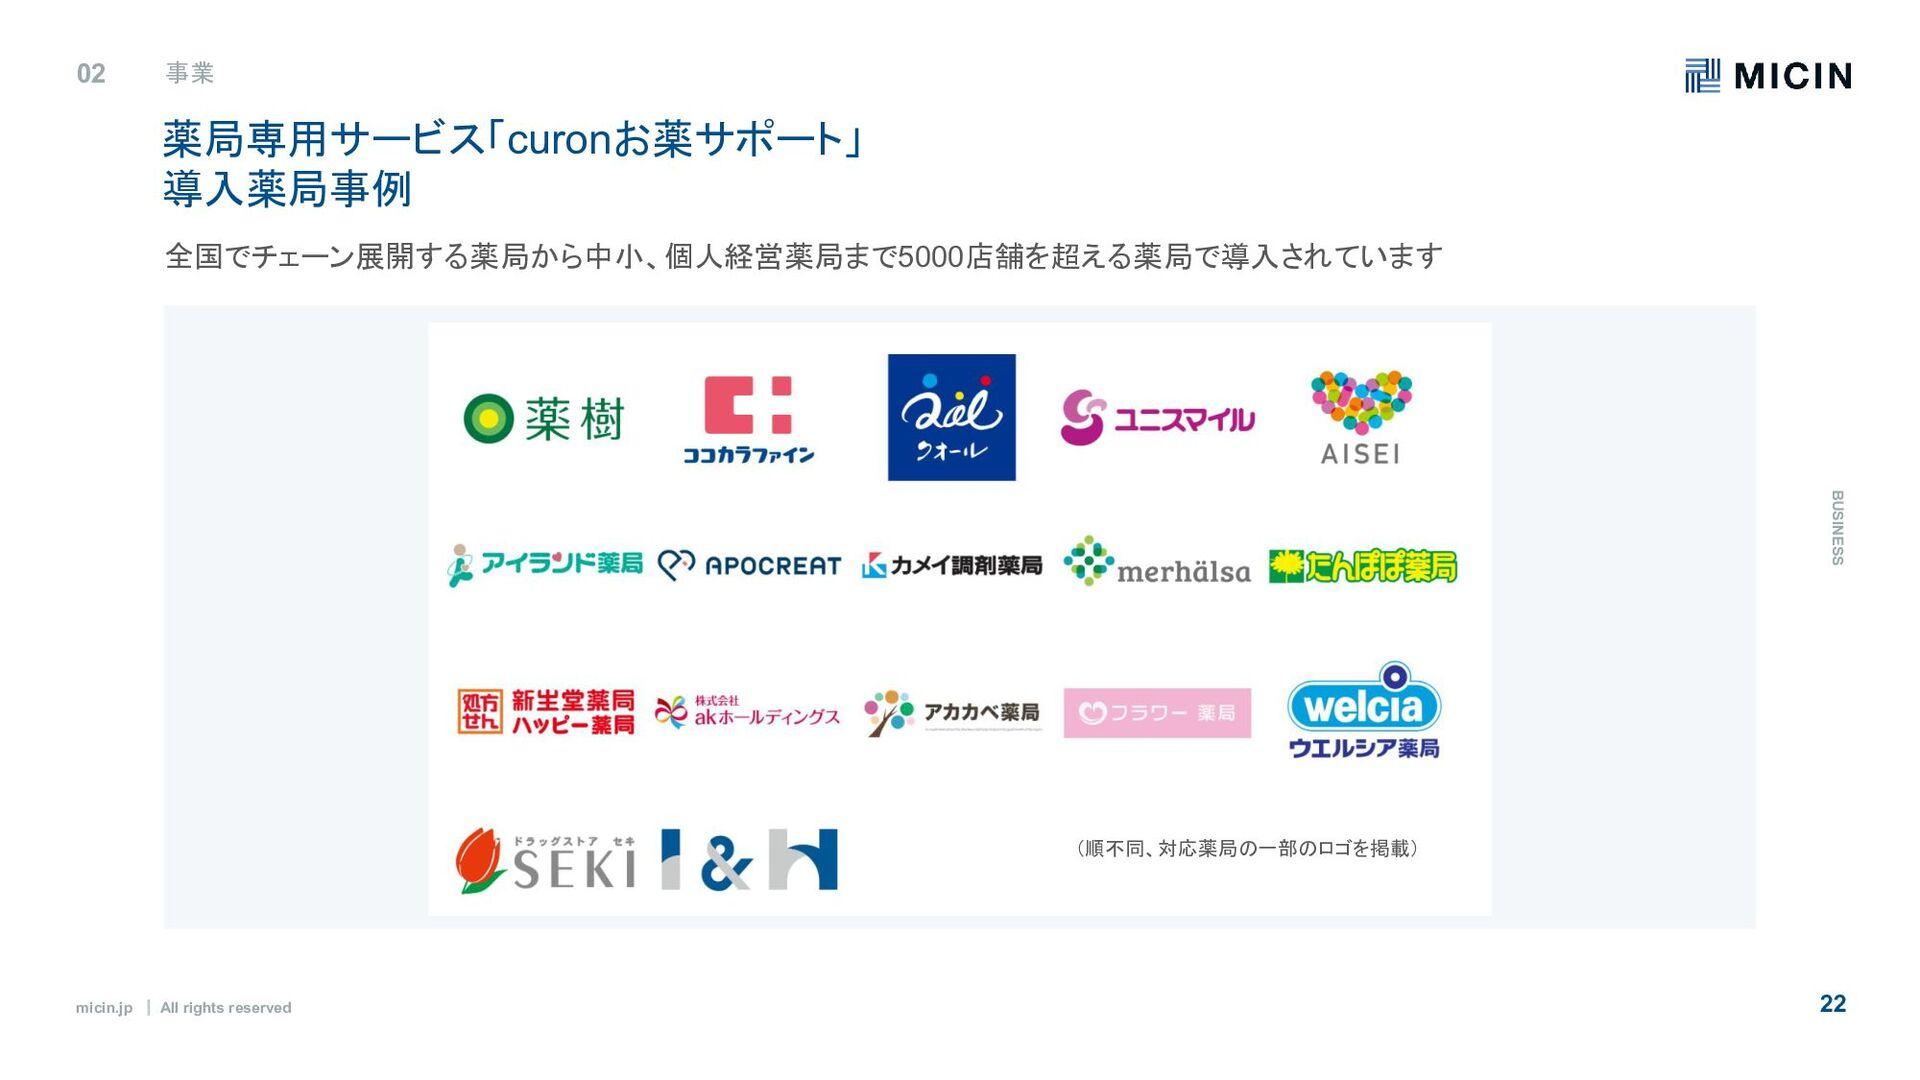 micin.jp ʛ All rights reserved 22 02 事業 B U S I...